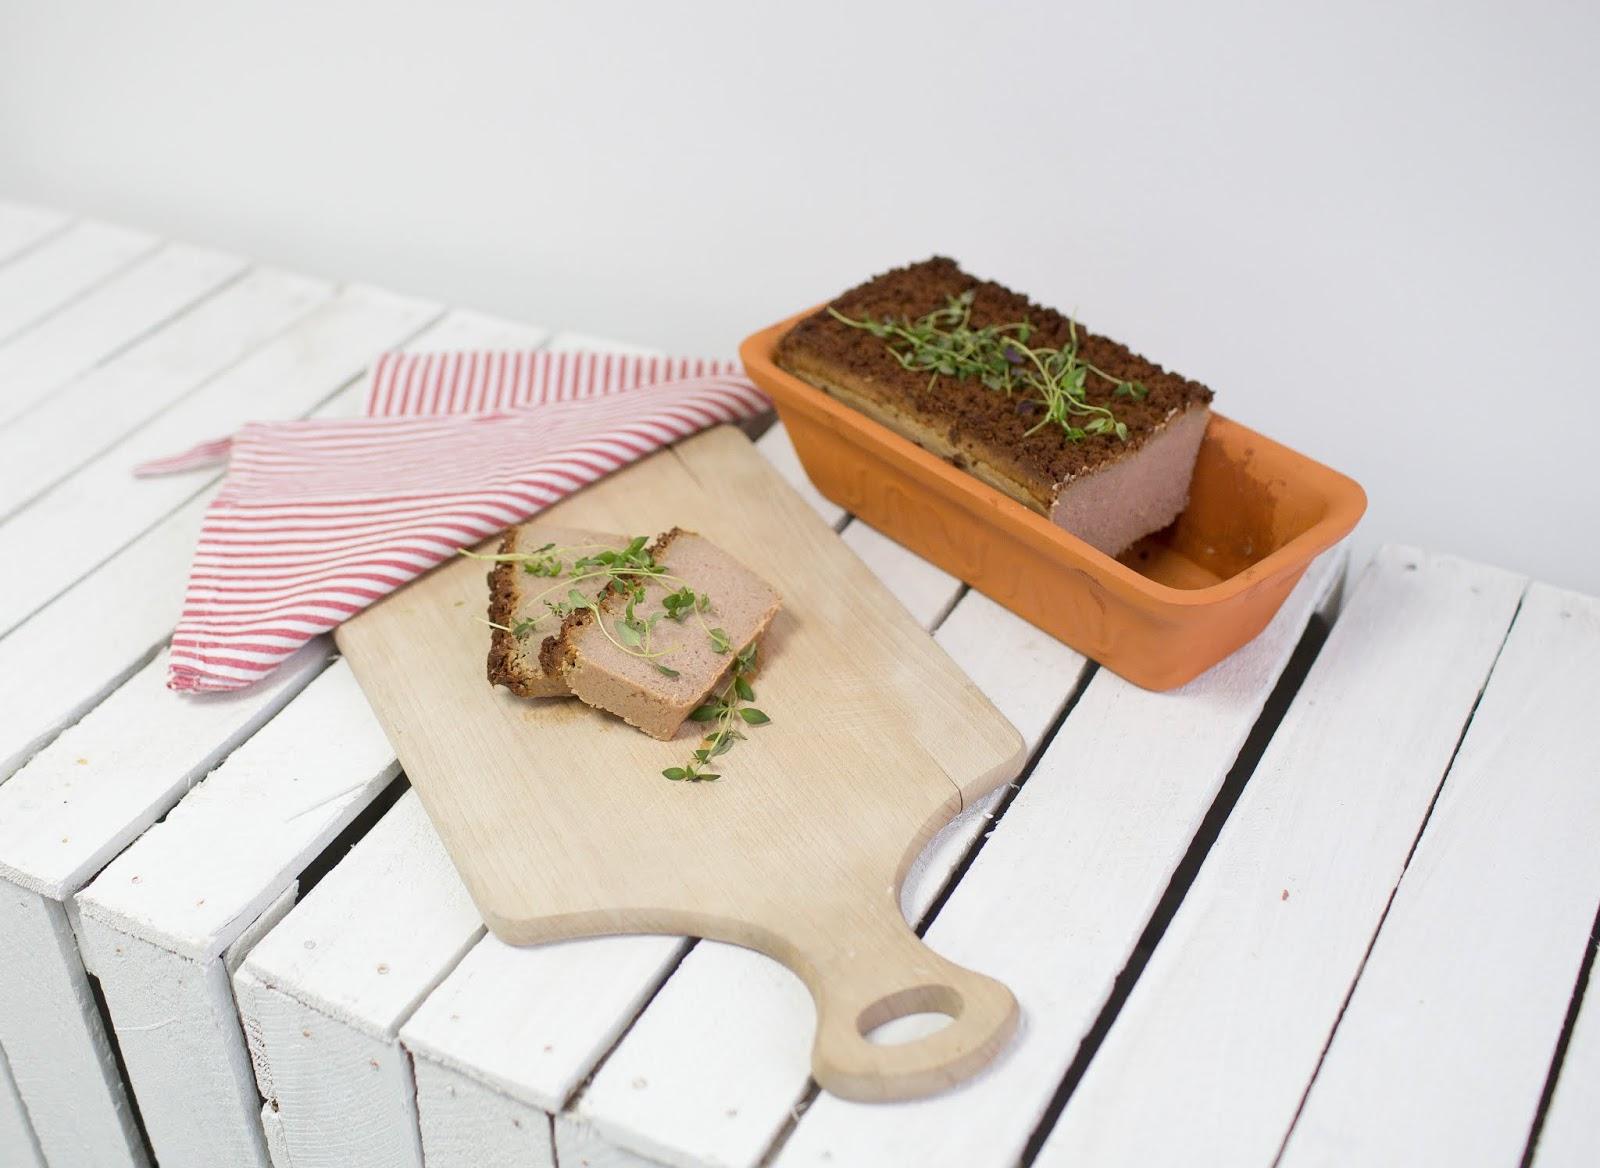 Przepis na pasztet jak zrobić domowy pasztet pasztet błyskawiczny szybki przepis inspiracje co dodać jakie dodatki do pasztetu inspiracja pomysł dania na święta browin domowy zdrowy fit jedzenie przepisy blog kulinarny